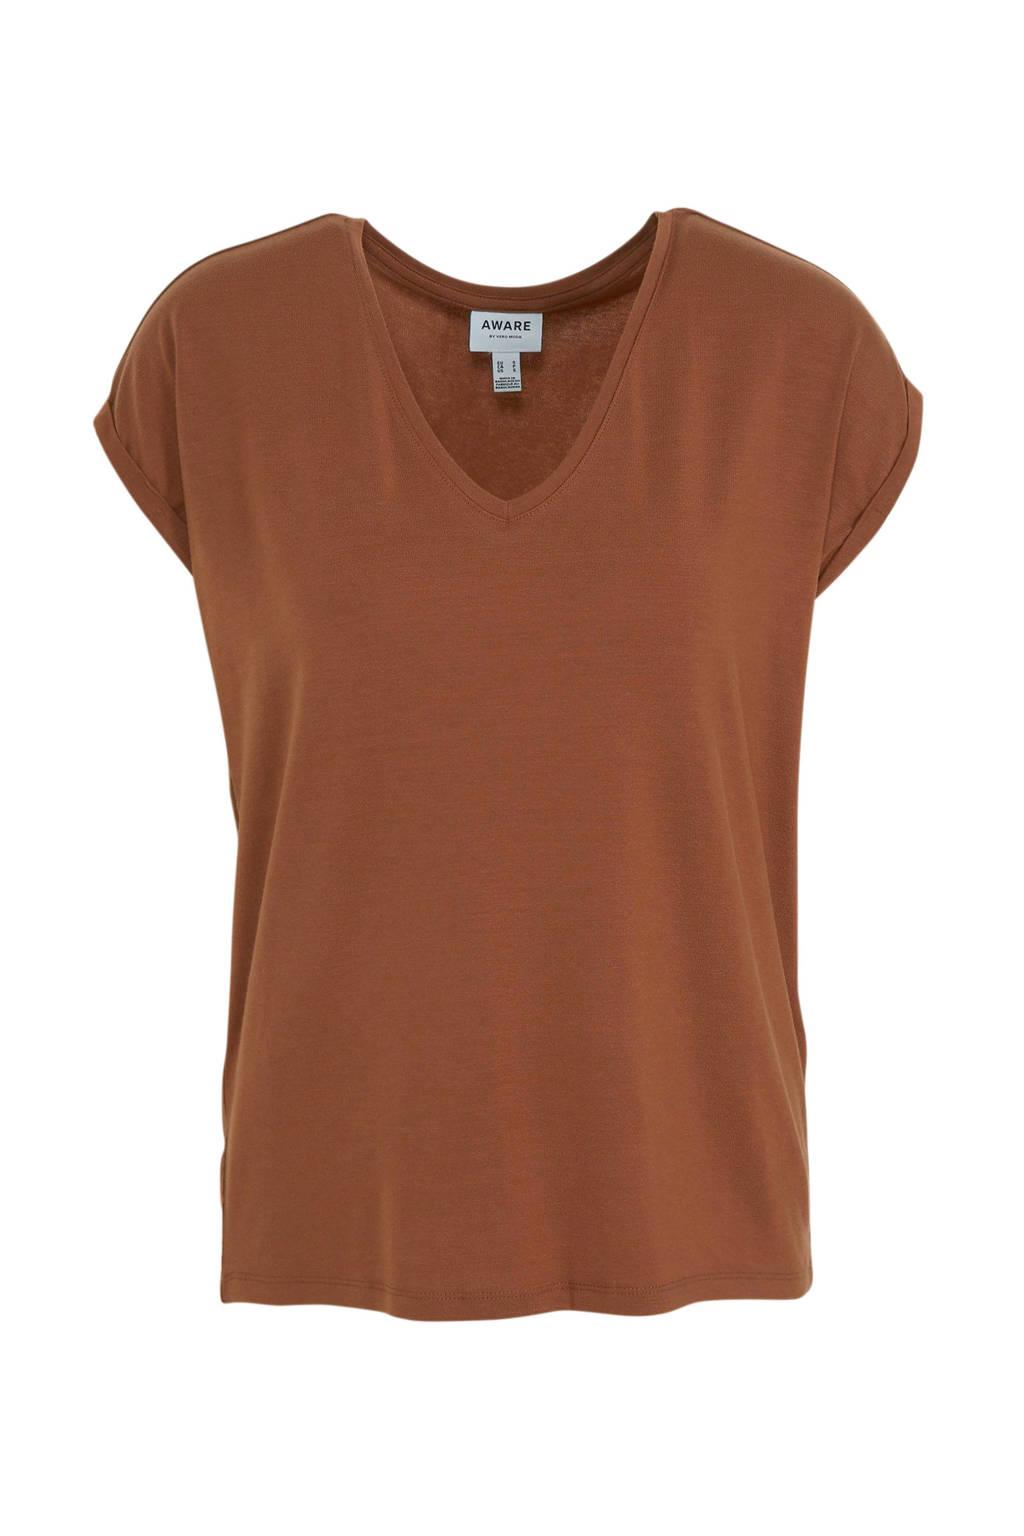 AWARE by VERO MODA T-shirt bruin, Bruin